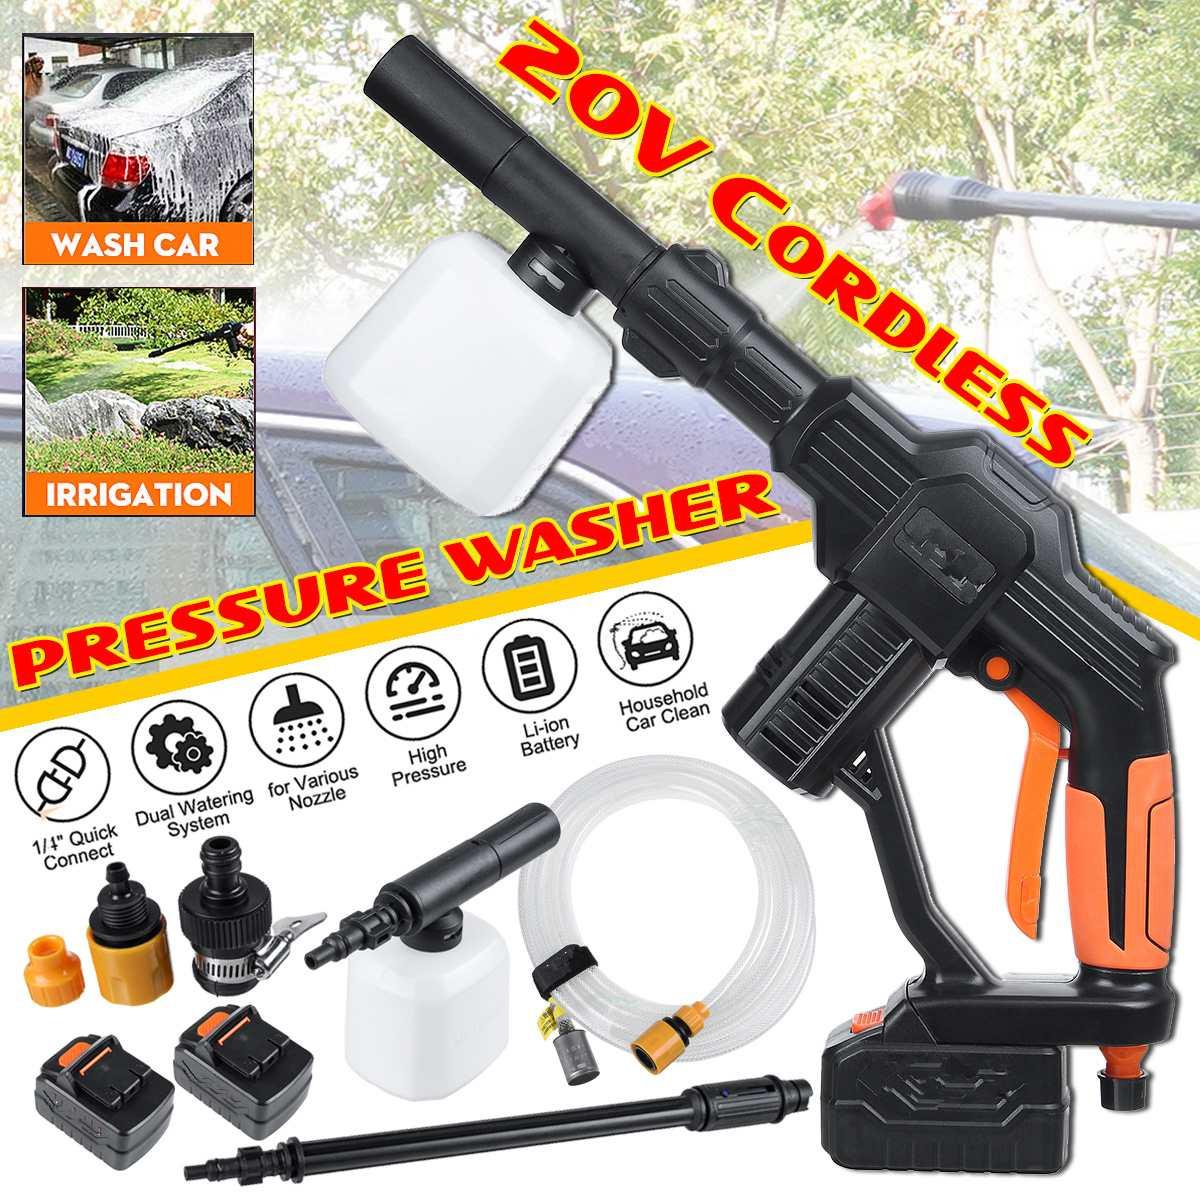 Limpiador de alta presión inalámbrico de 21 V, limpiador de presión portátil inalámbrico de 1/4